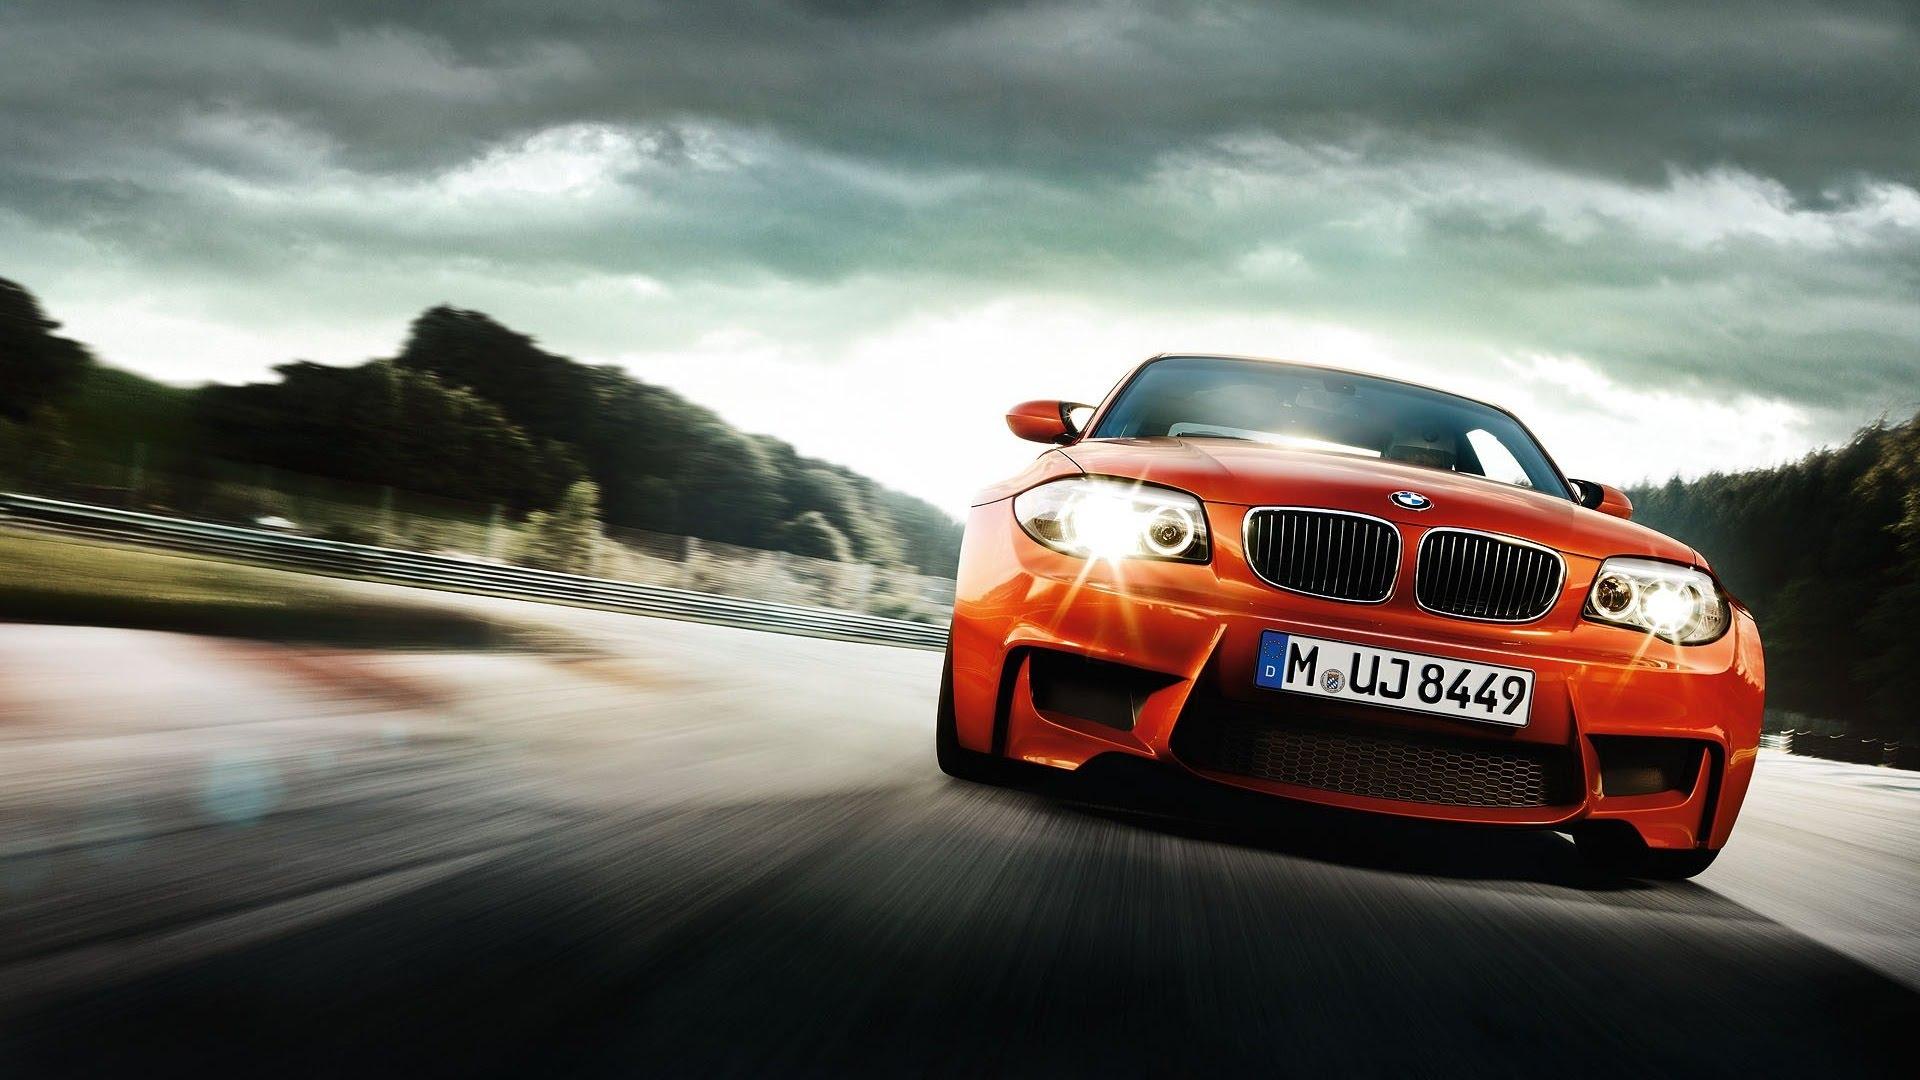 صور سيارات فخمة جدا , اجمل سيارات فخمه